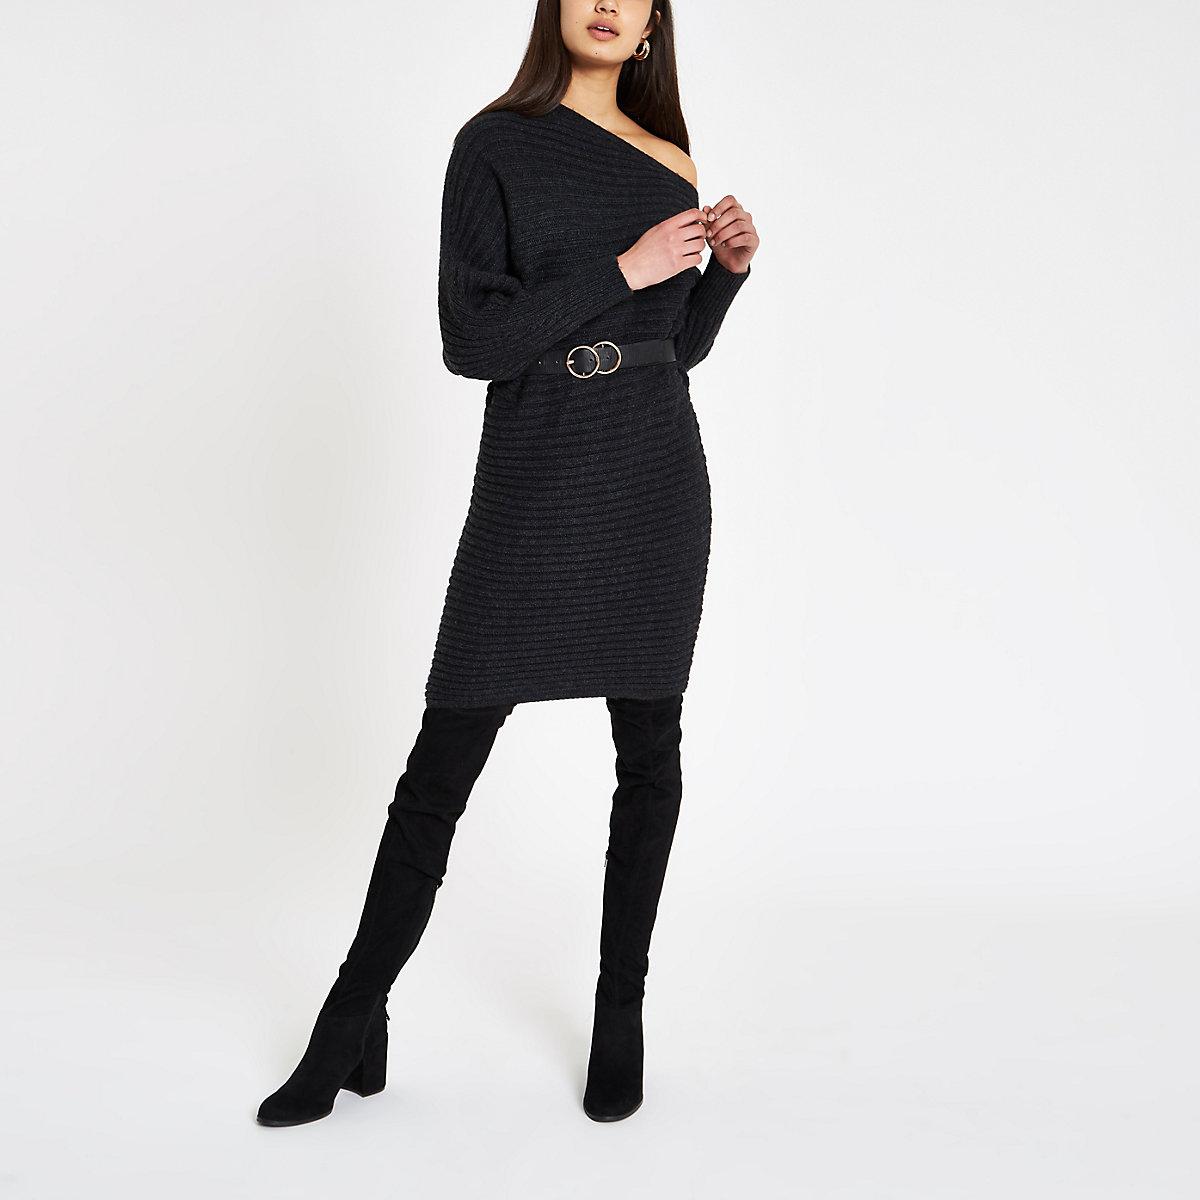 Dark grey asymmetric neck knit sweater dress